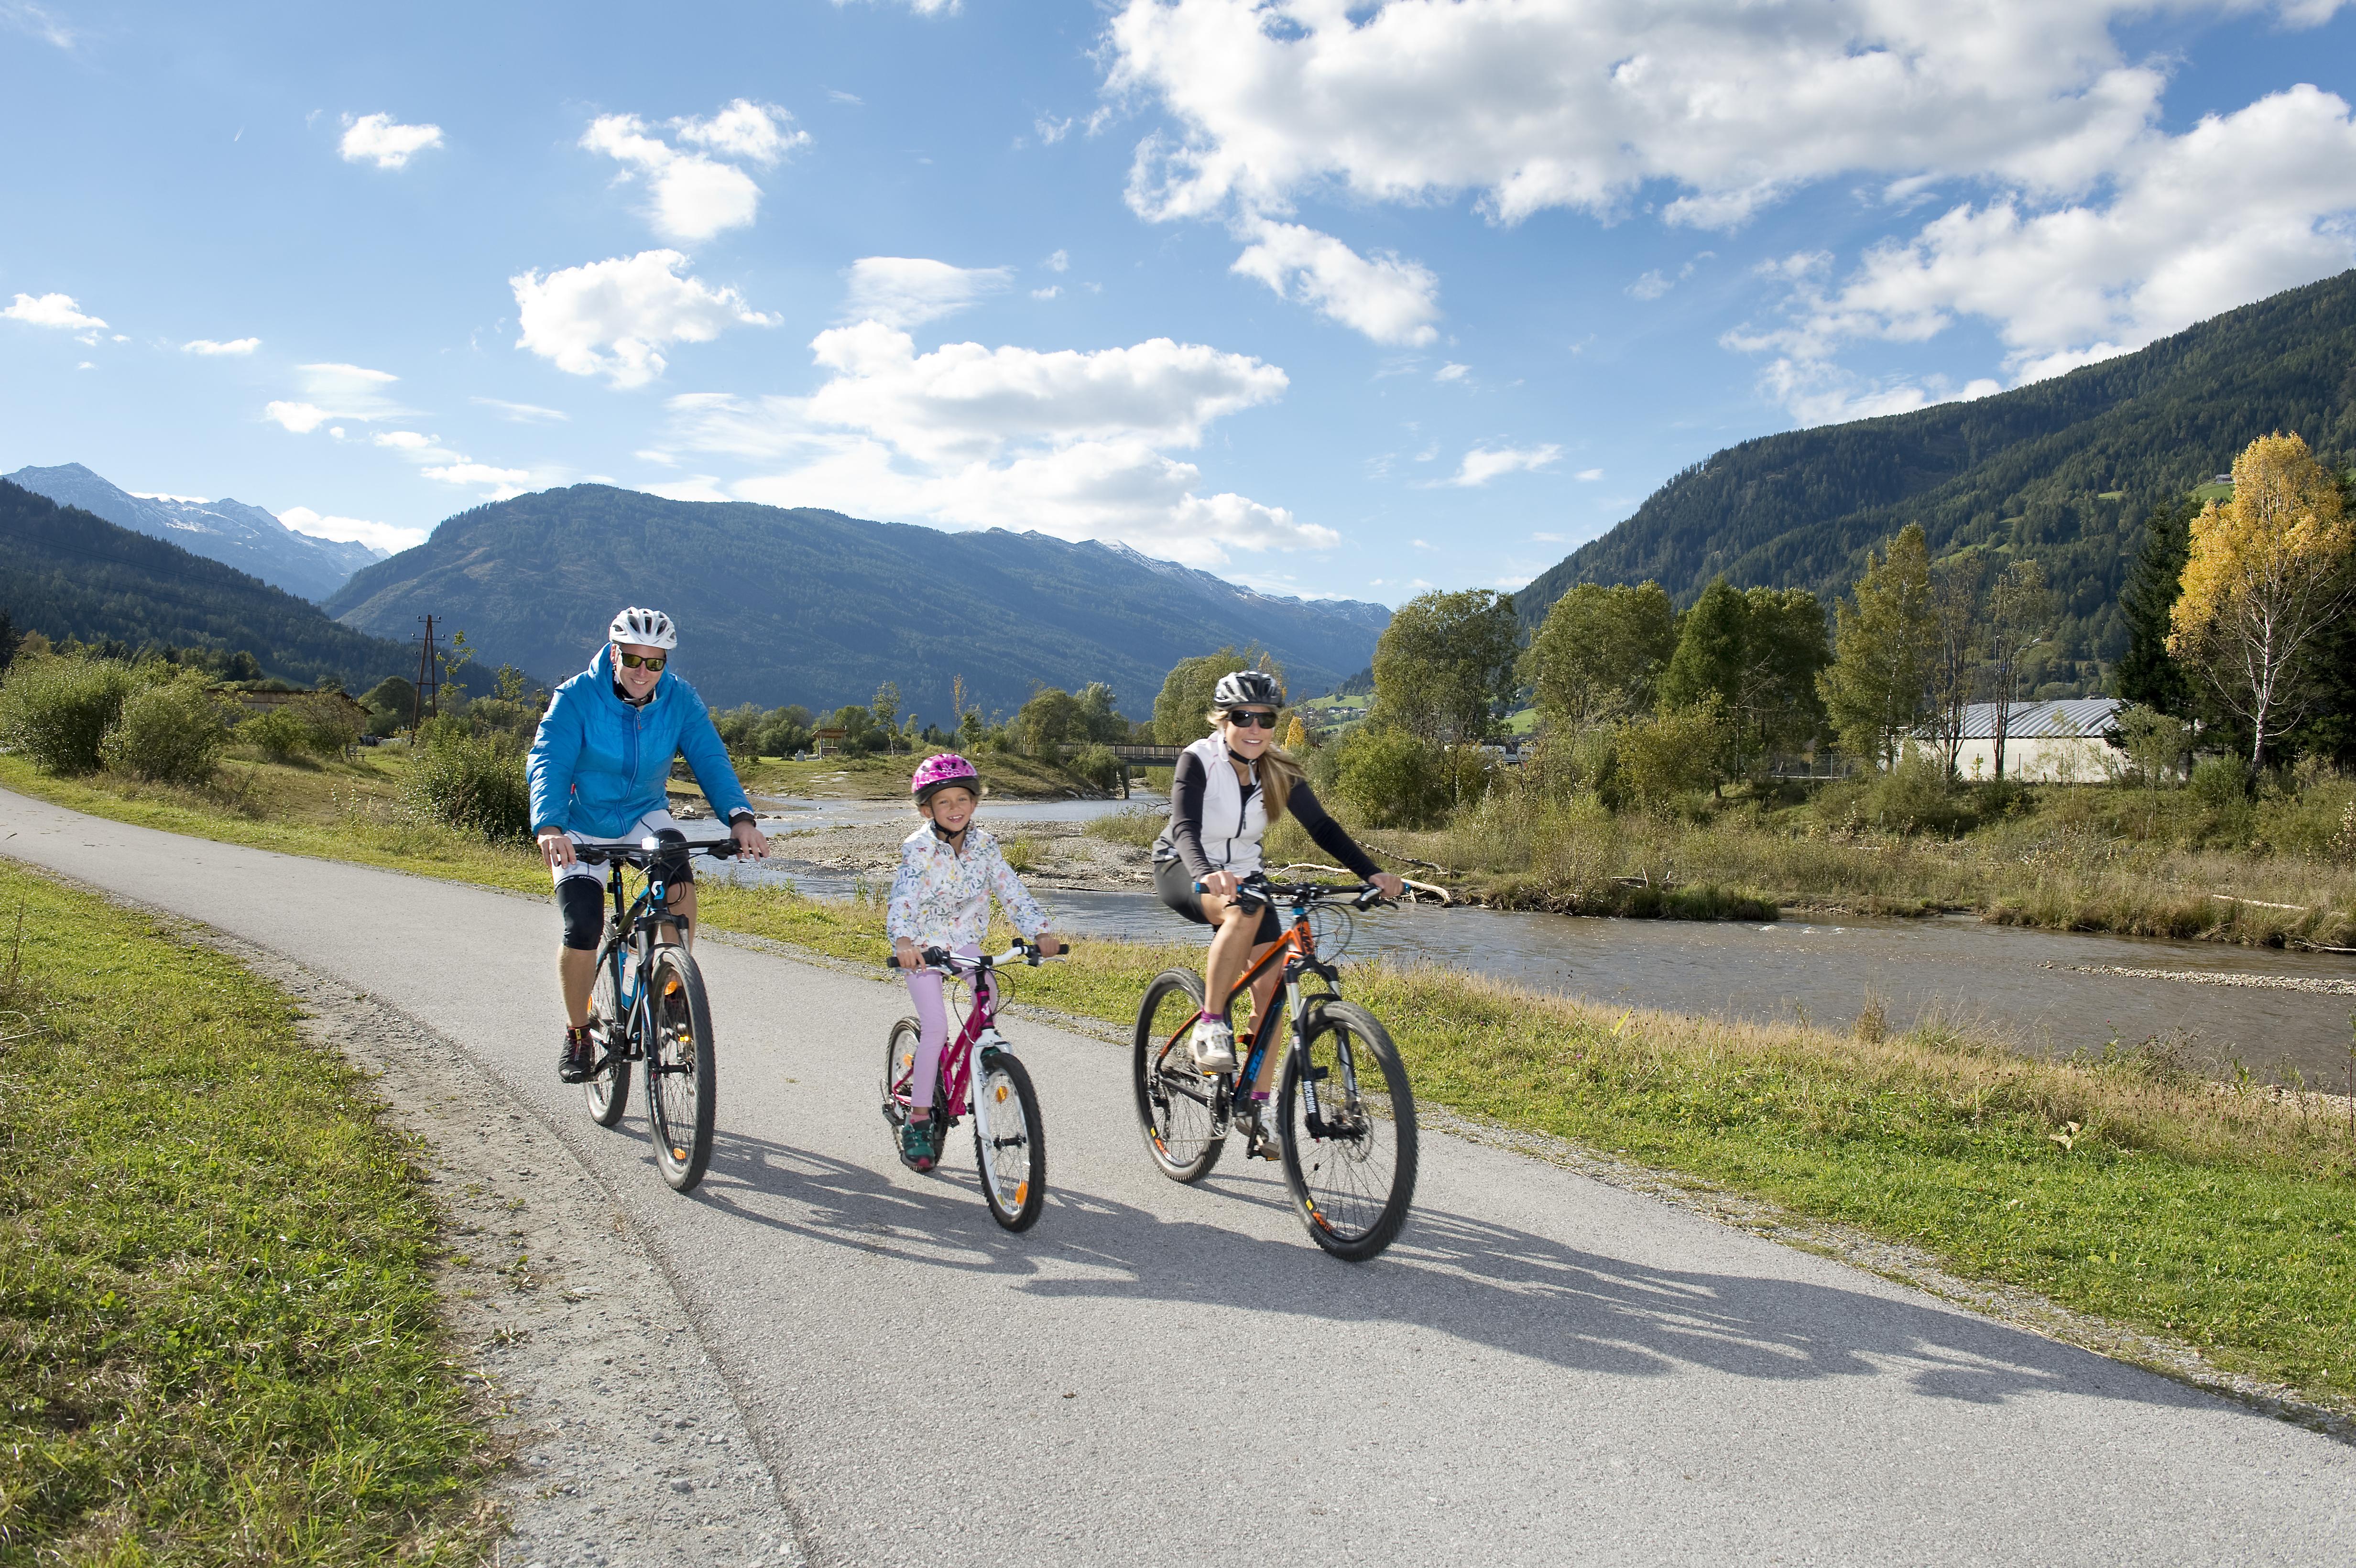 Genussradfahren am Murradweg mit der Familie 1 - Foto G.A. Service GmbH (1)